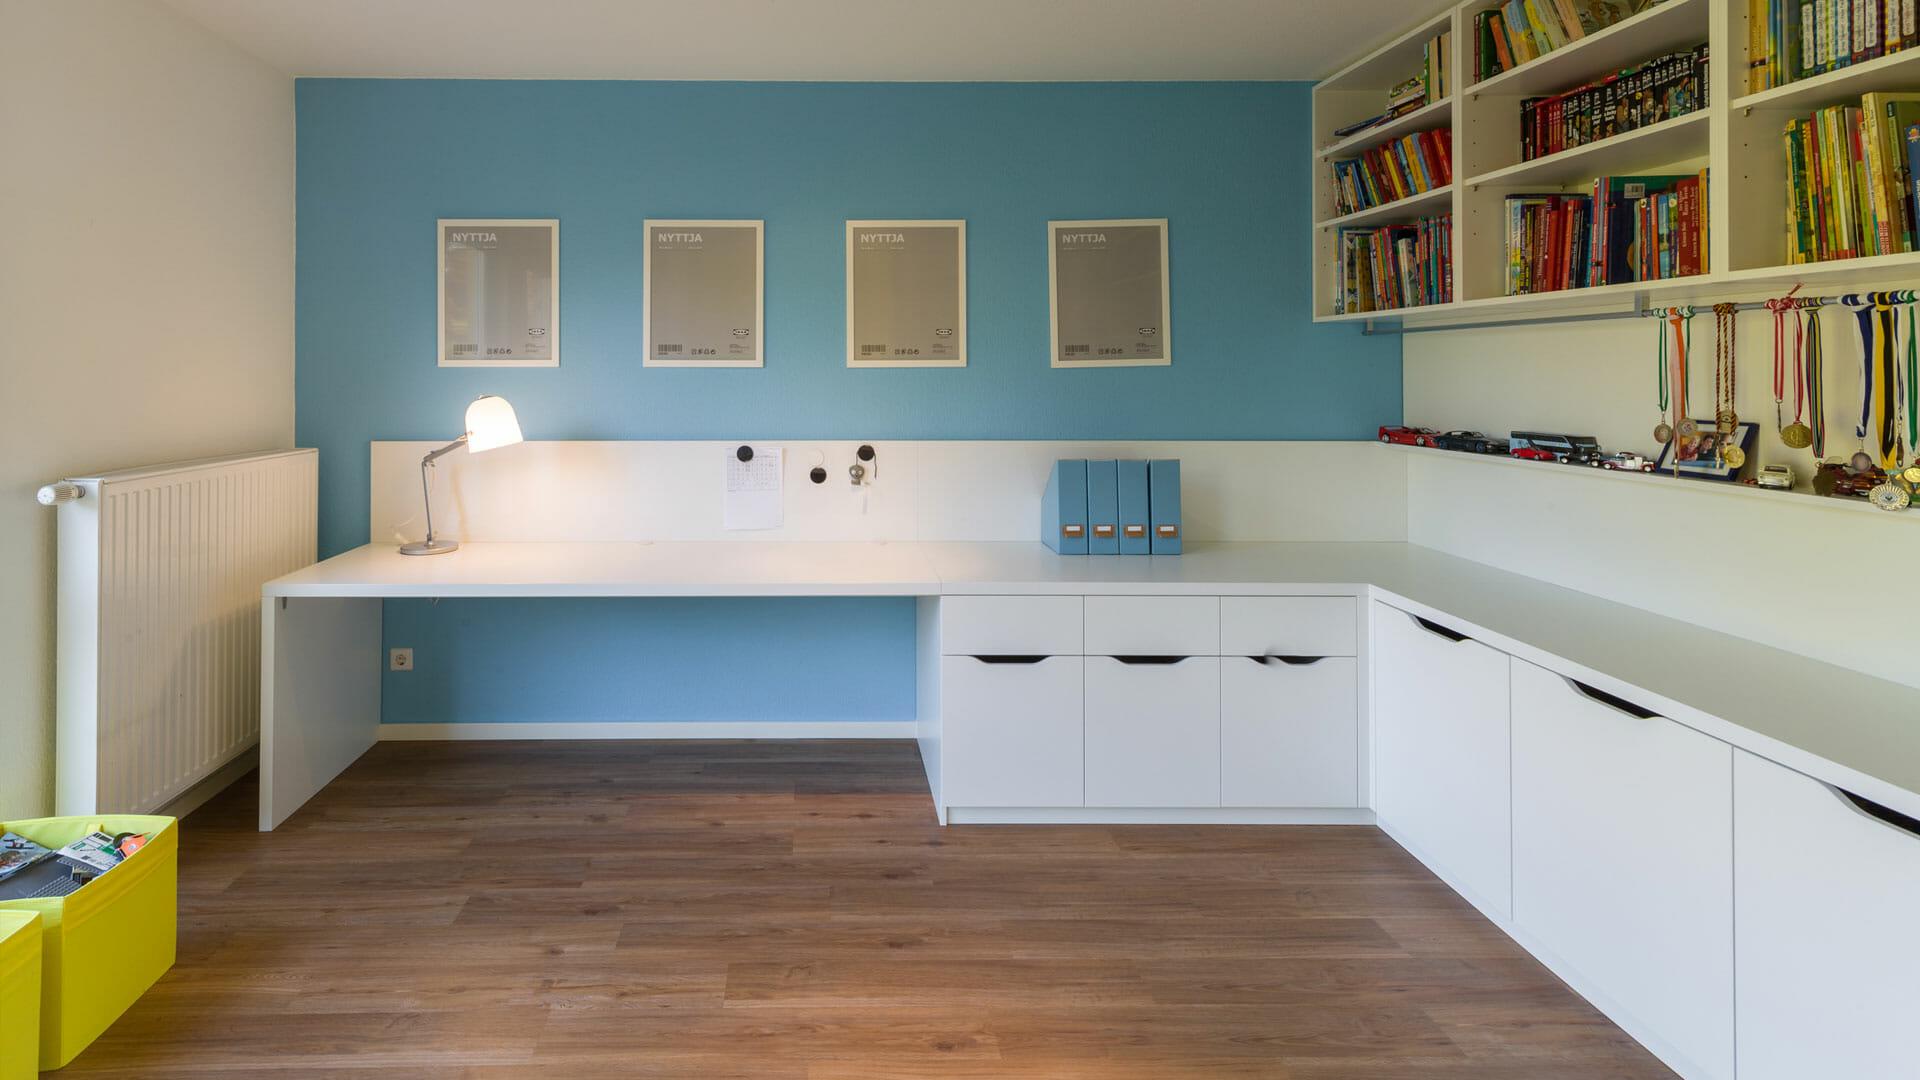 extragroßer Schreibtisch, angepasste Hochschränke und Sideboards bieten Platz zum Verstauen und Ablegen